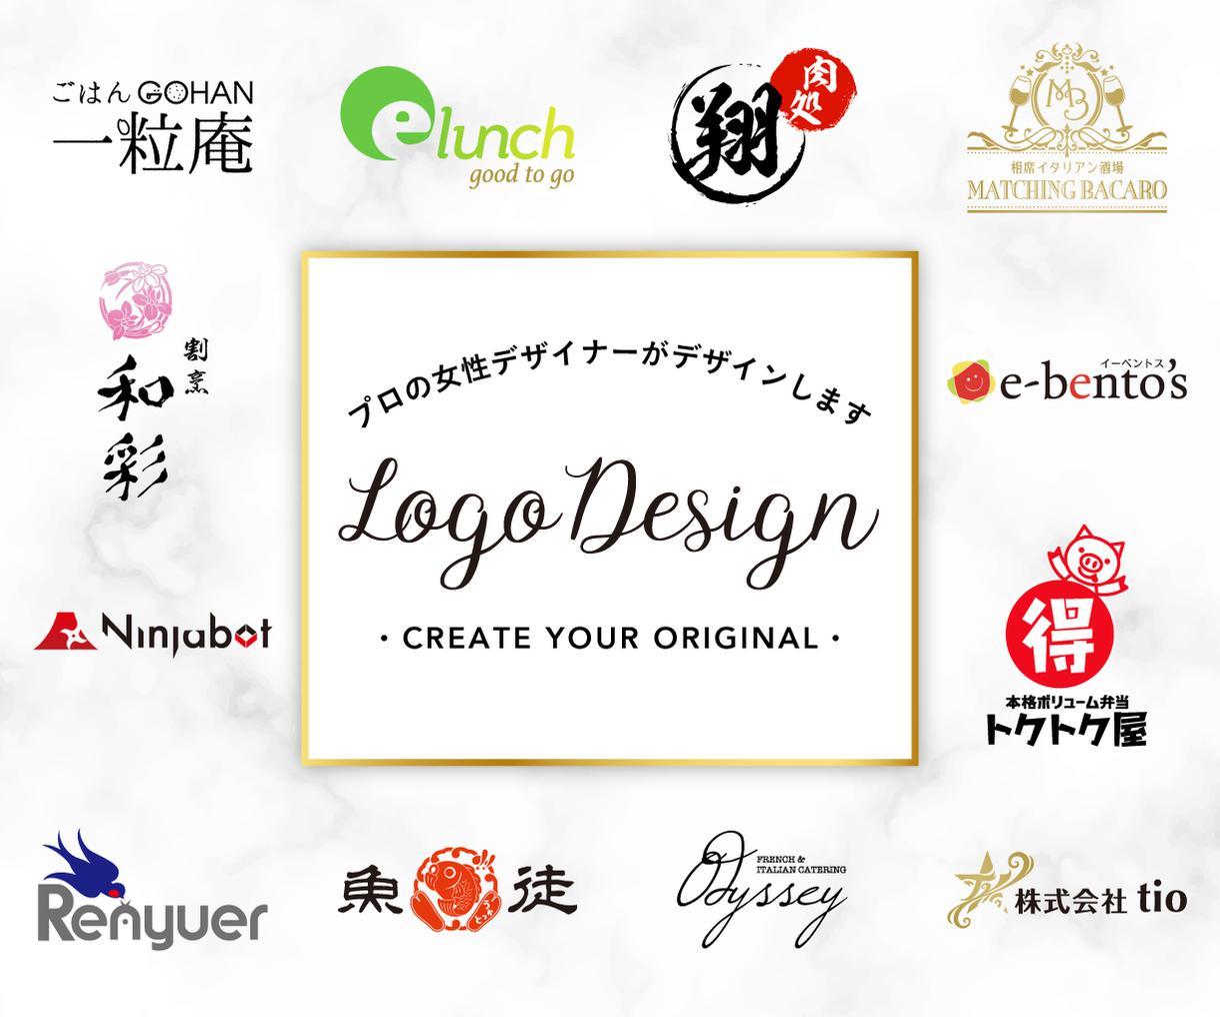 プロの女性デザイナーが伝わるロゴをデザインします コンセプトを大切に永く愛用できるハイクオリティなロゴをご提案